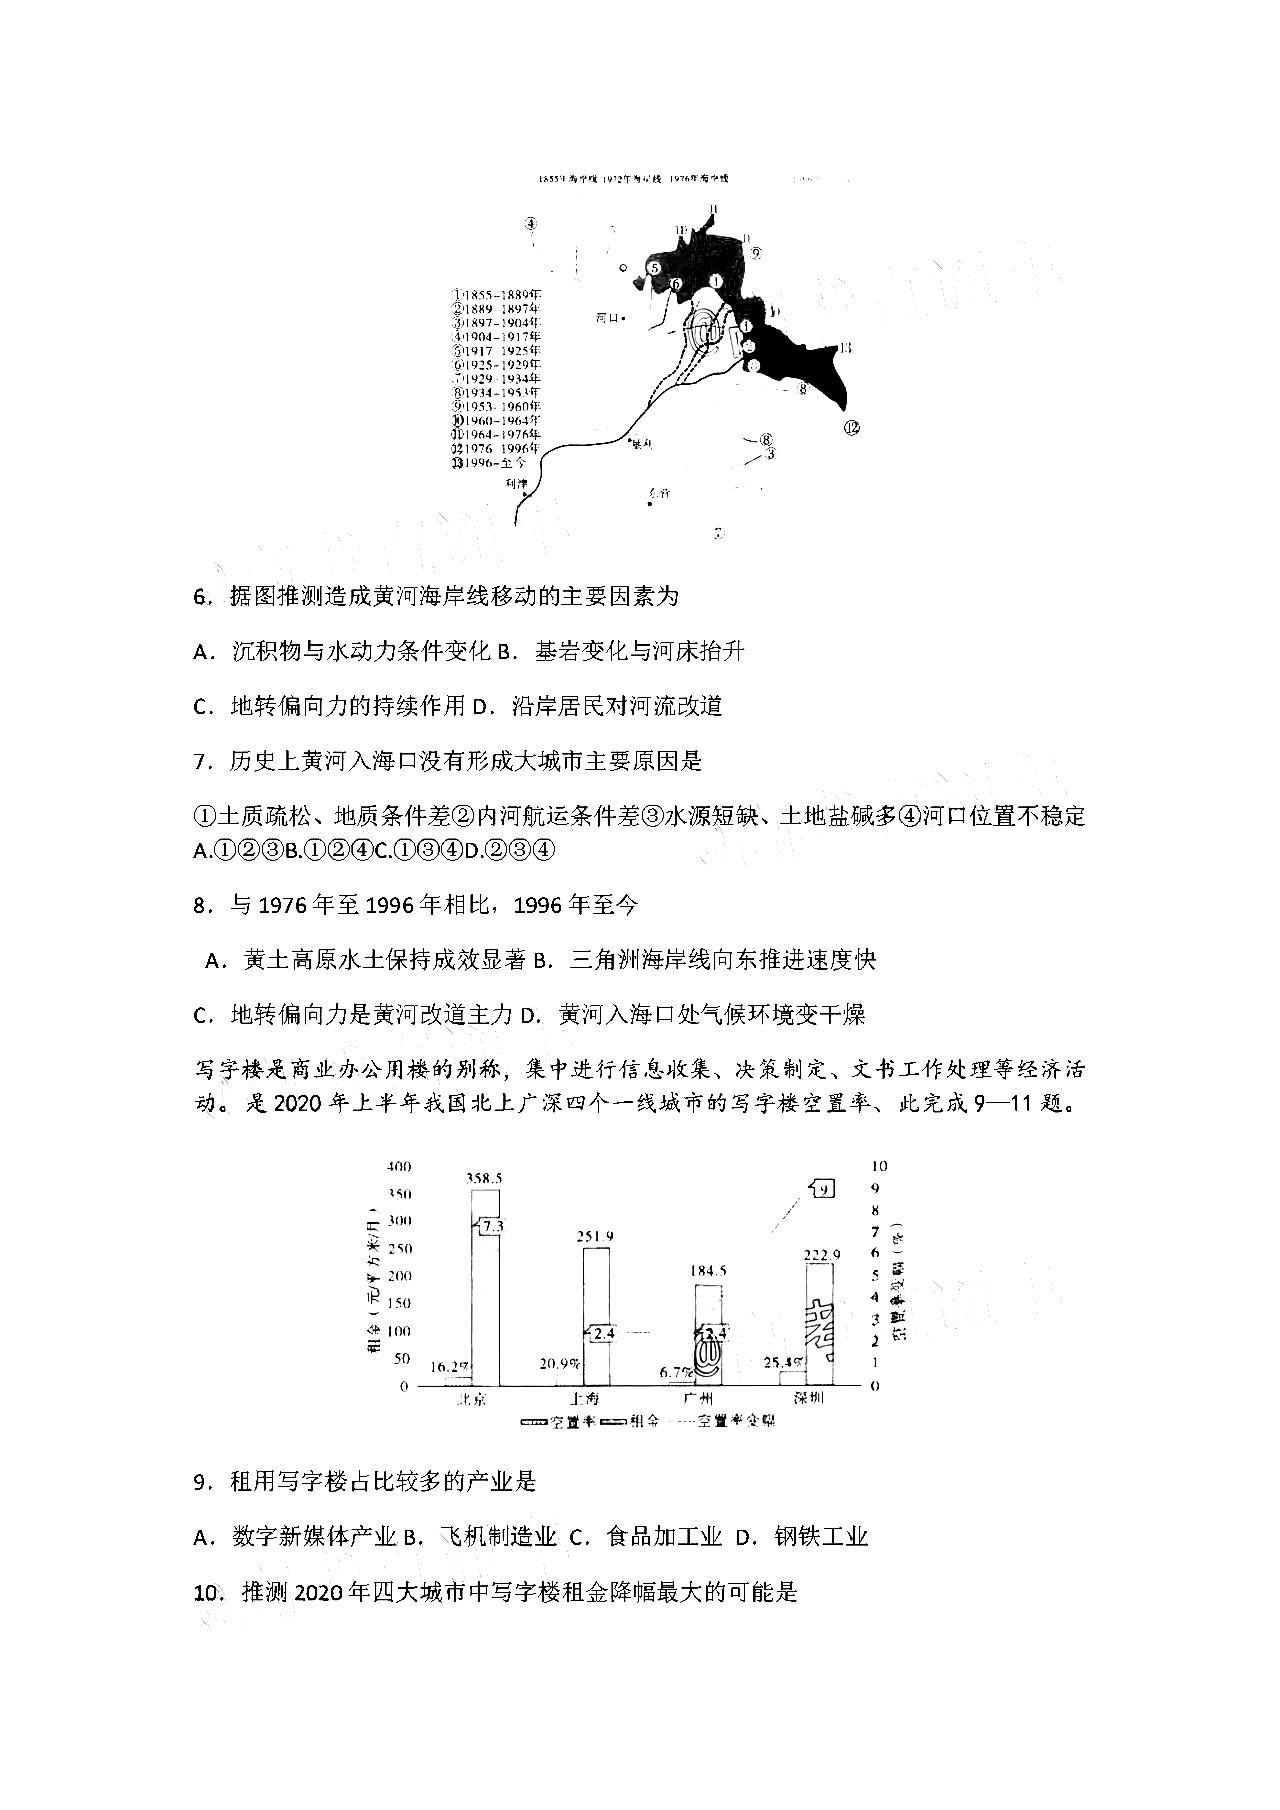 2021云南昆明一中高三月考(二)政治试卷答案解析图2